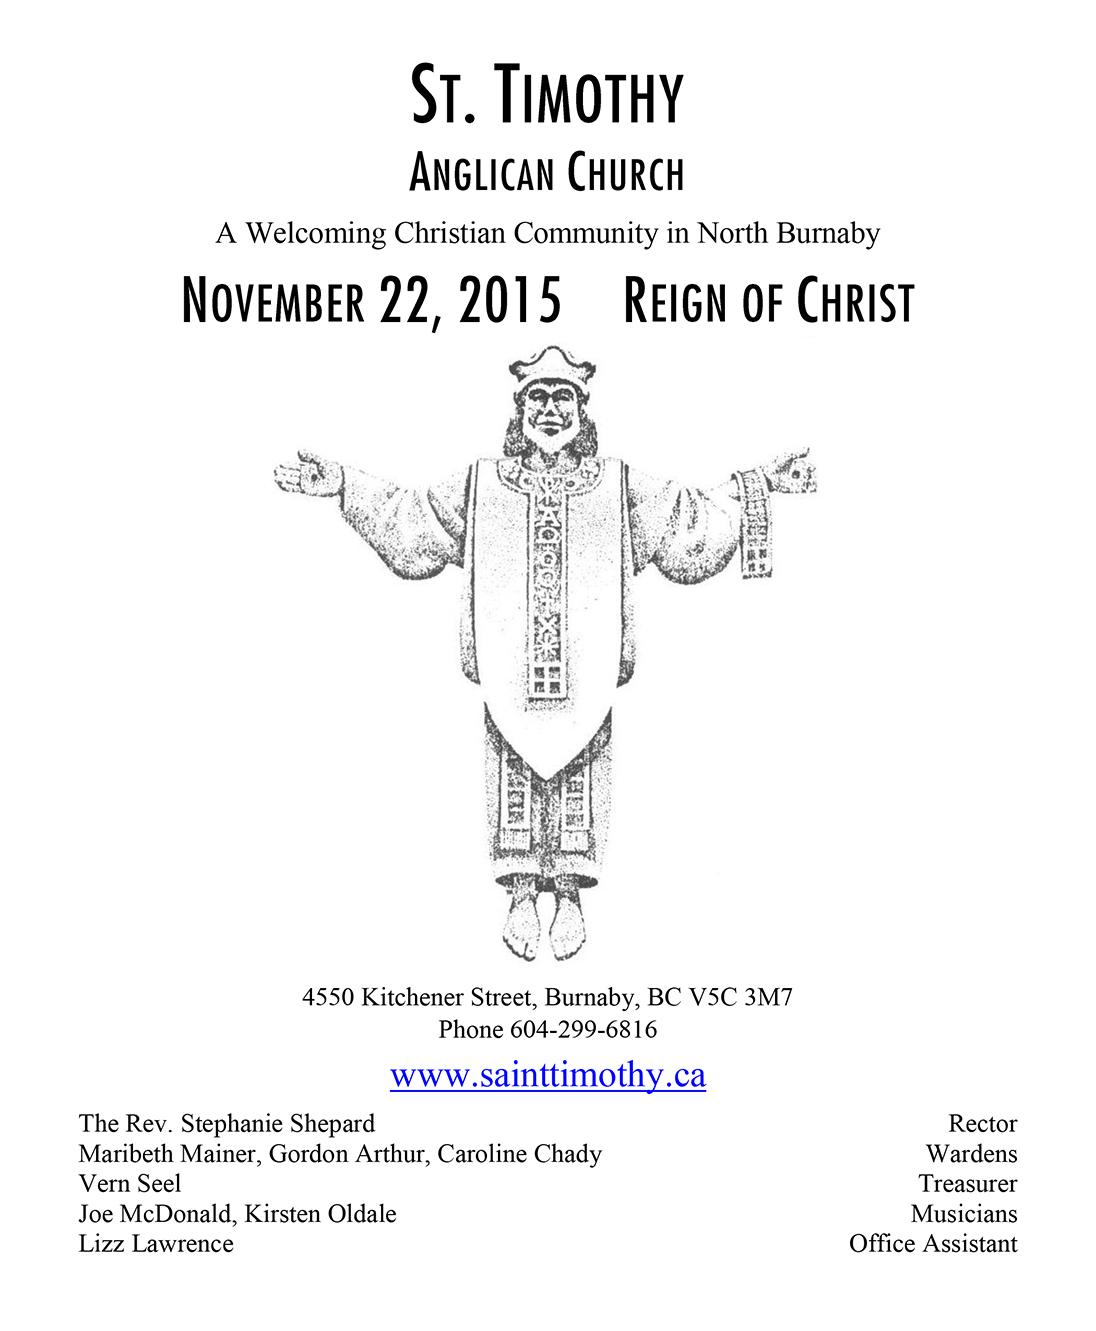 Bulletin: November 22, 2015